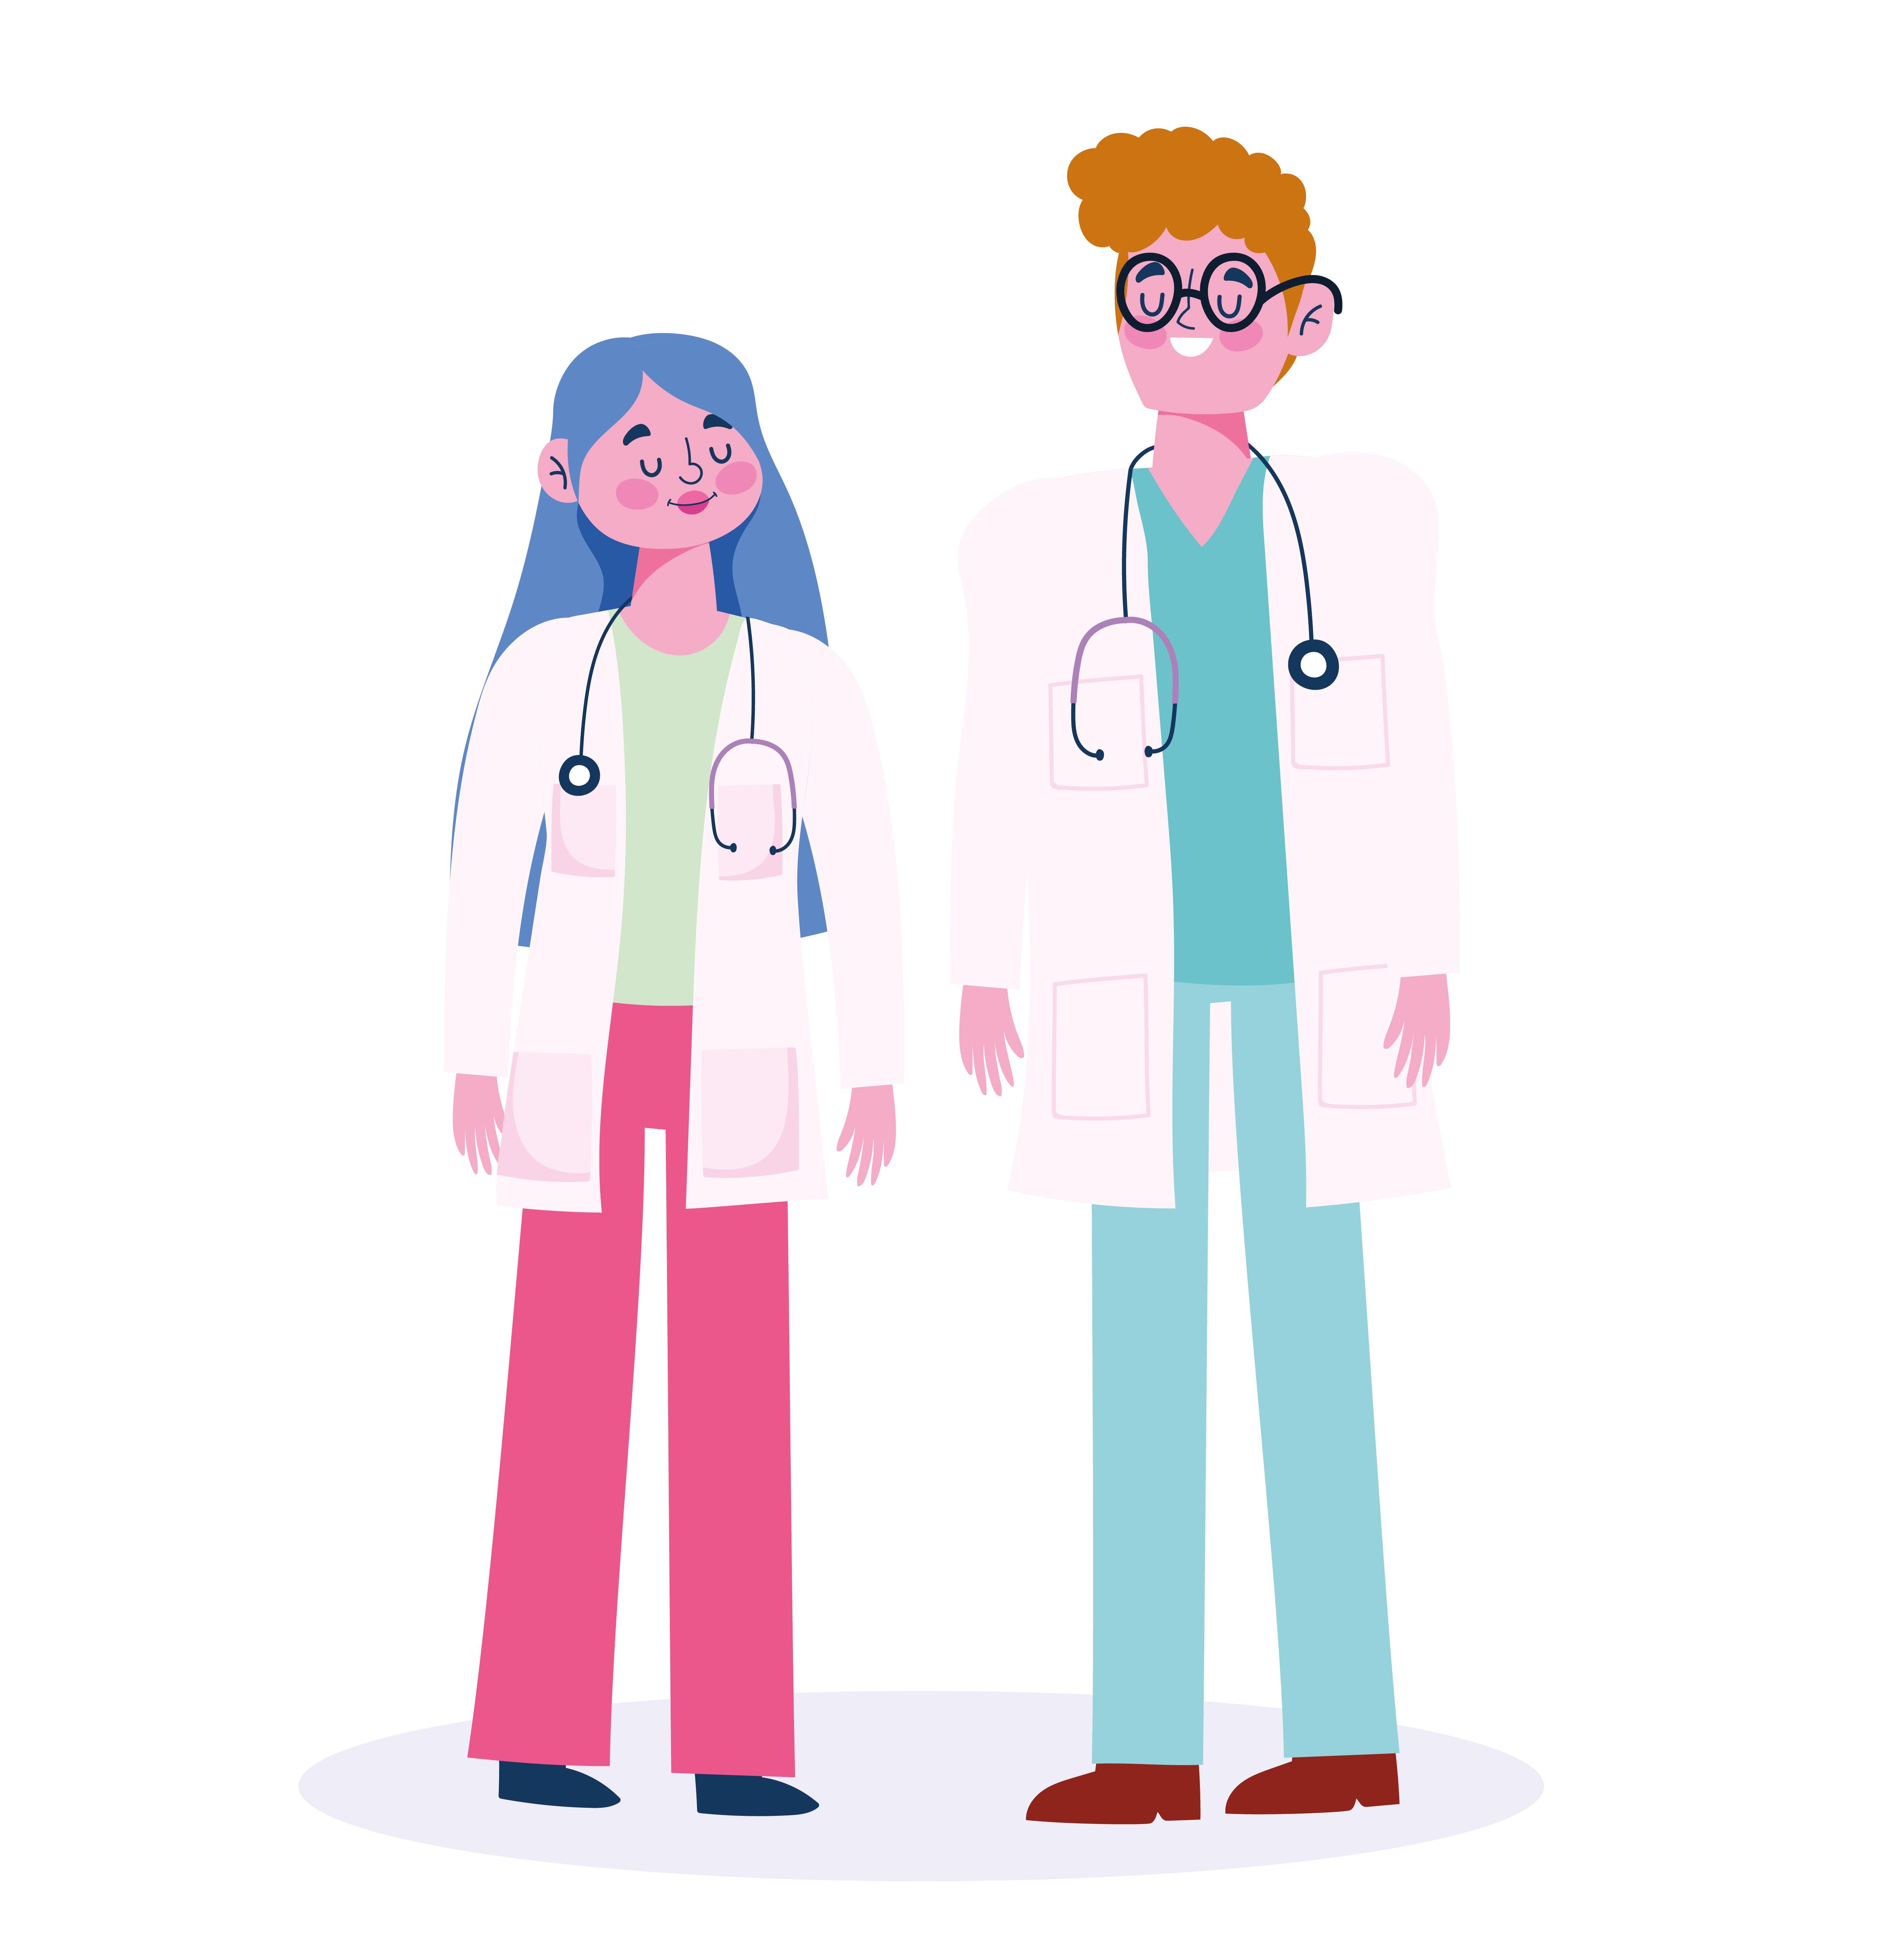 médicos masculinos y femeninos con estetoscopio y batas